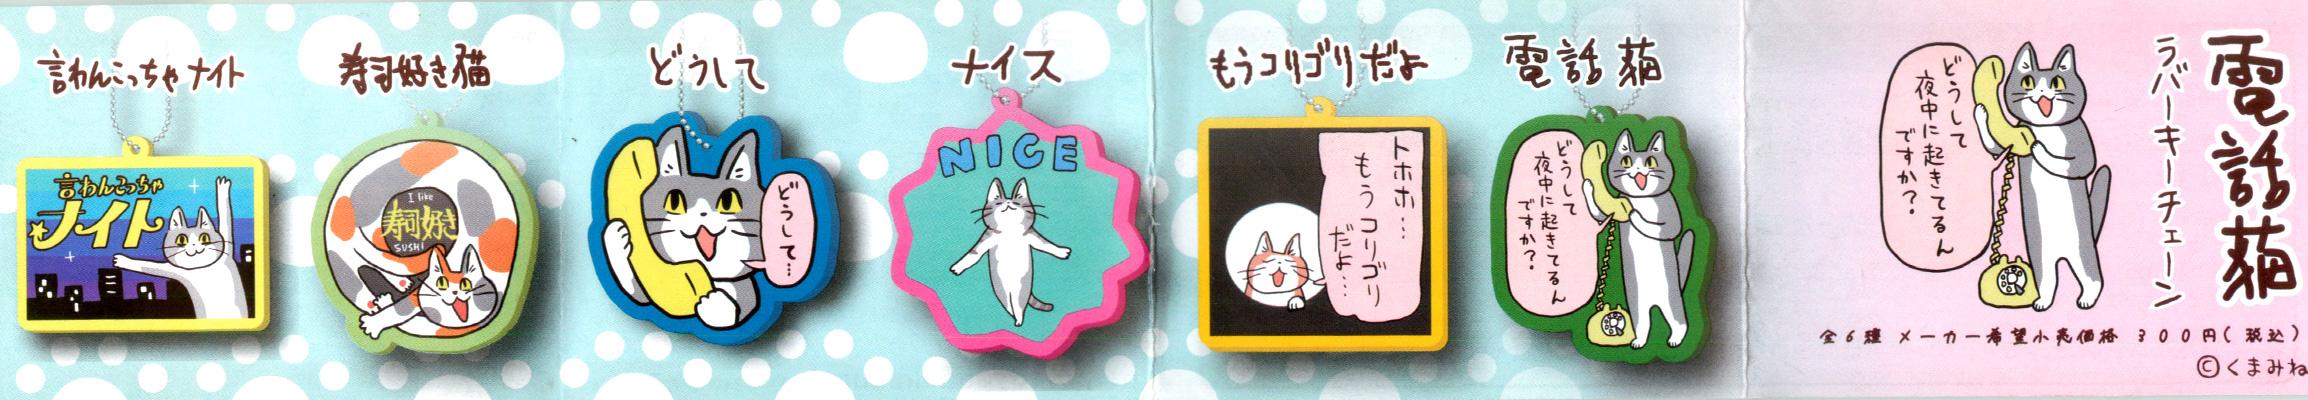 現場猫 ラバーキーチェーン [トイズキャビン]